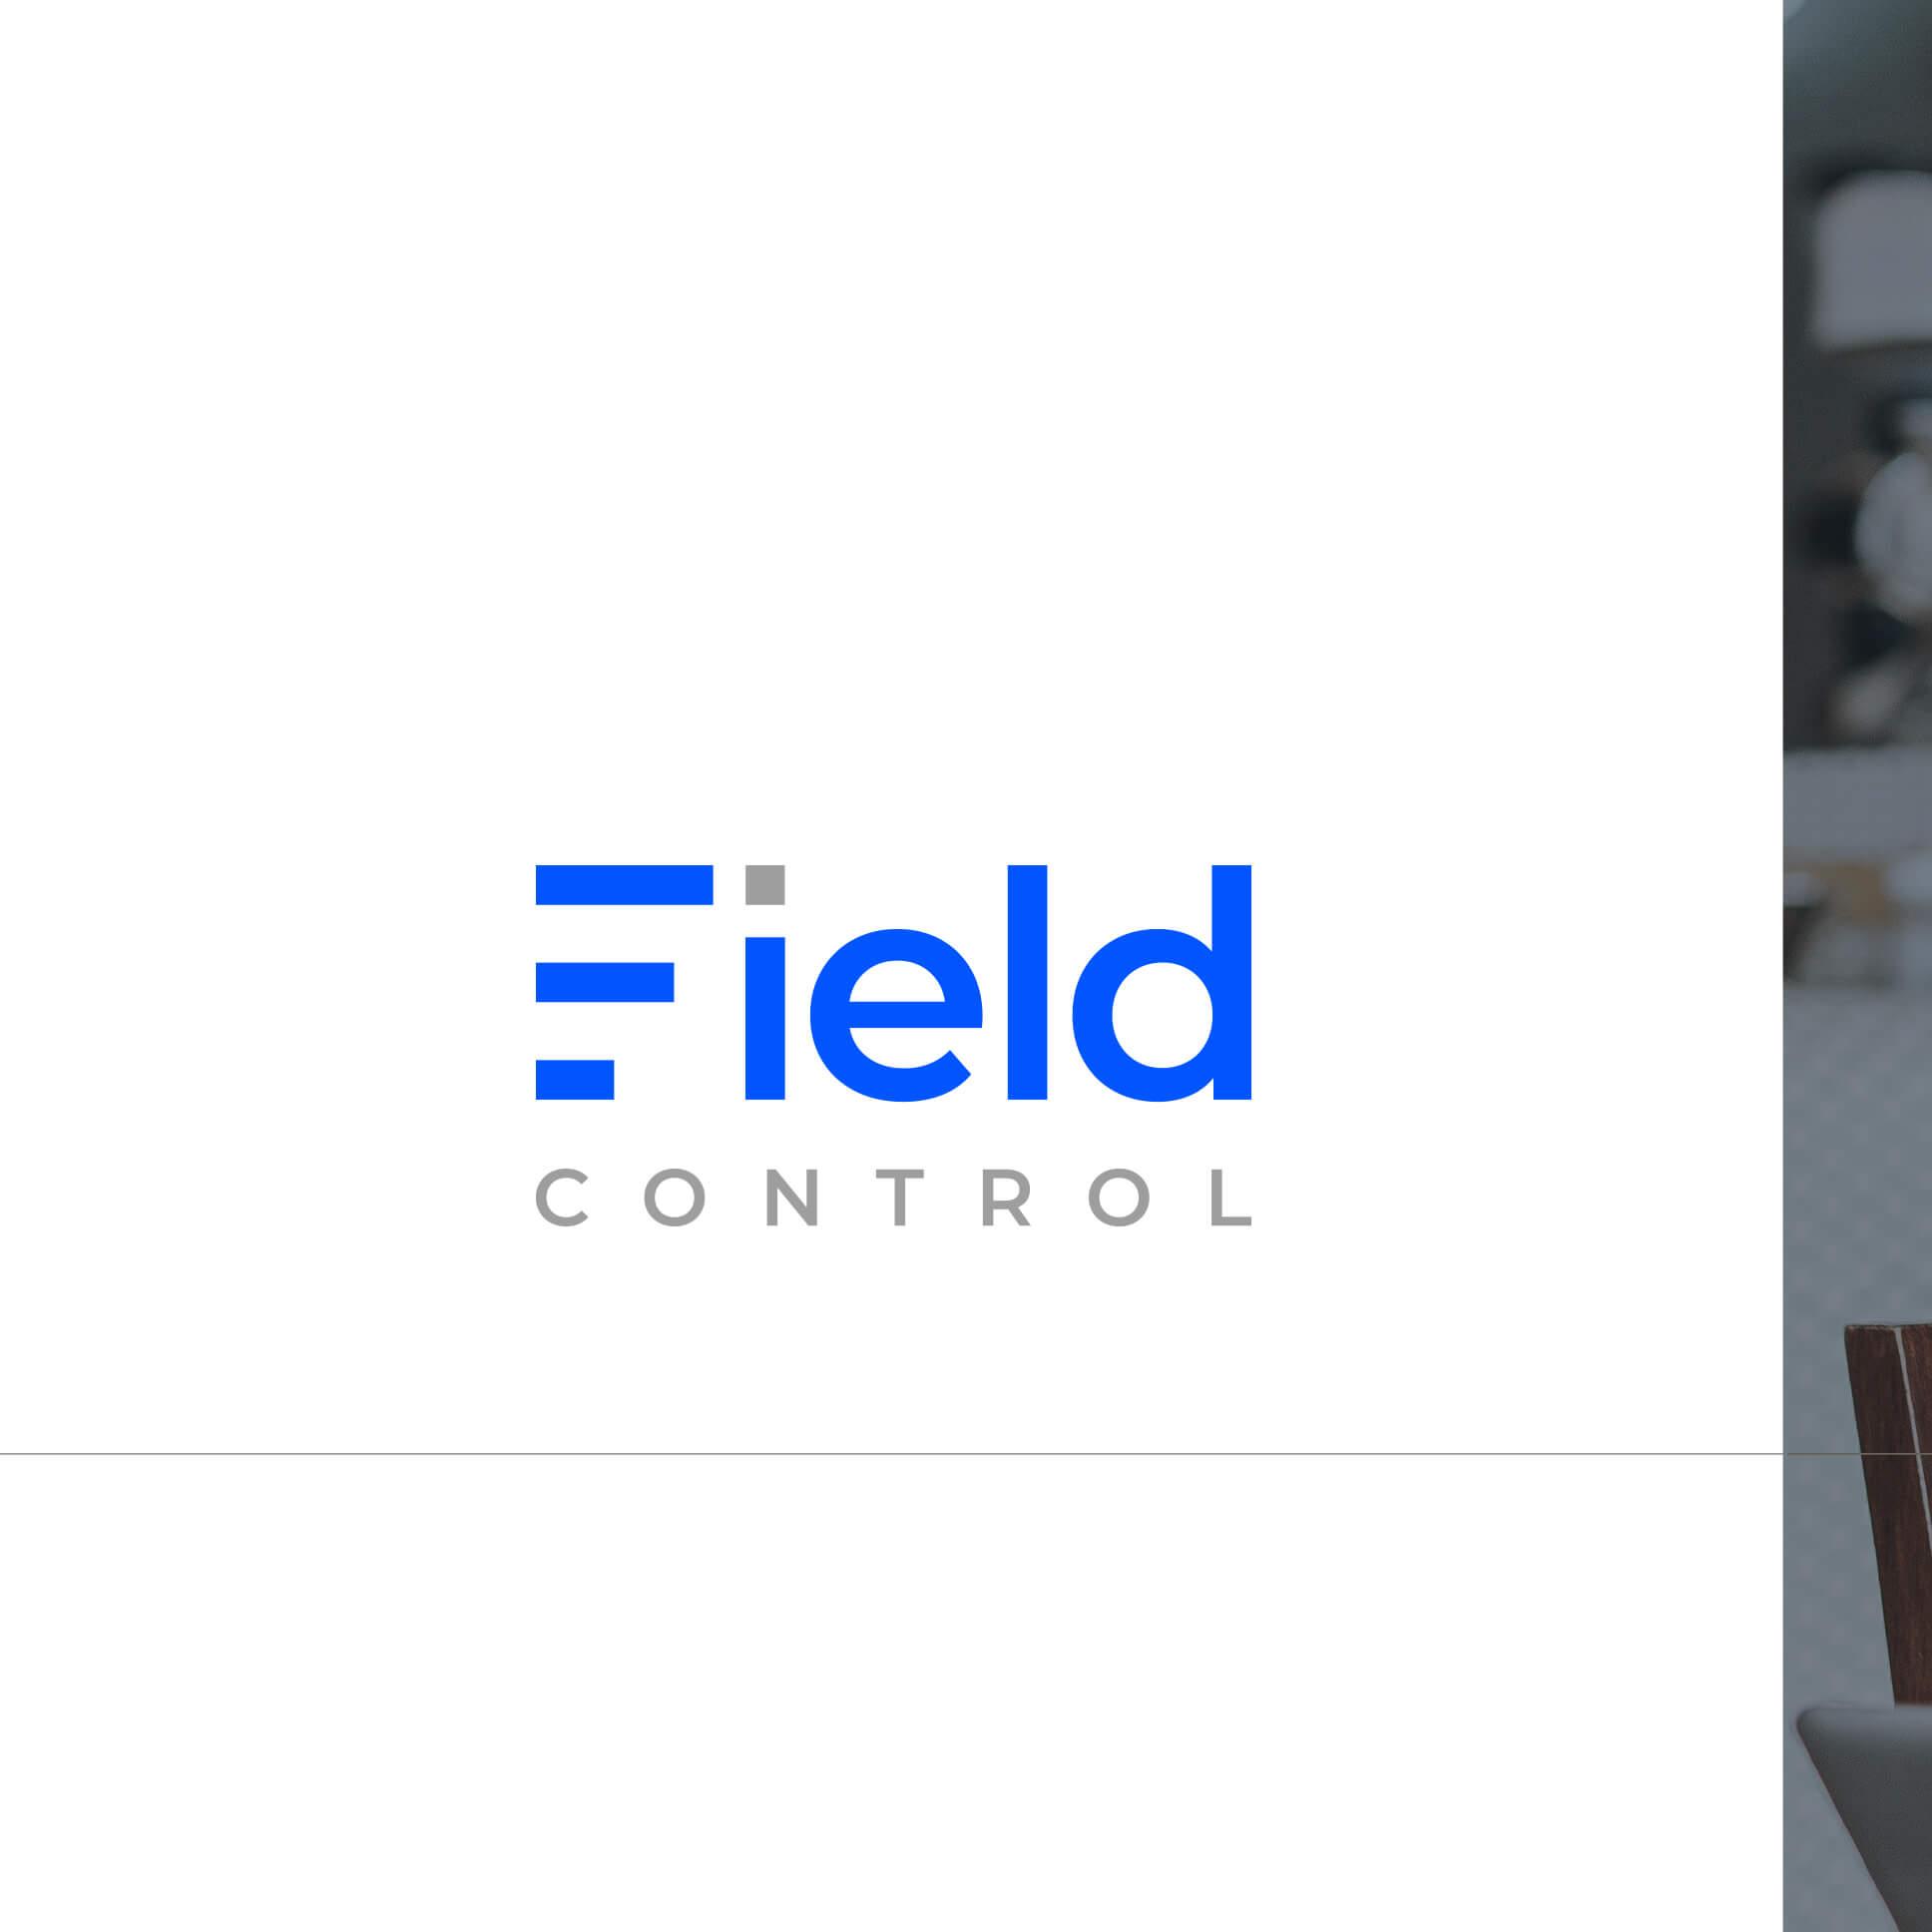 Nova marca da Field Control